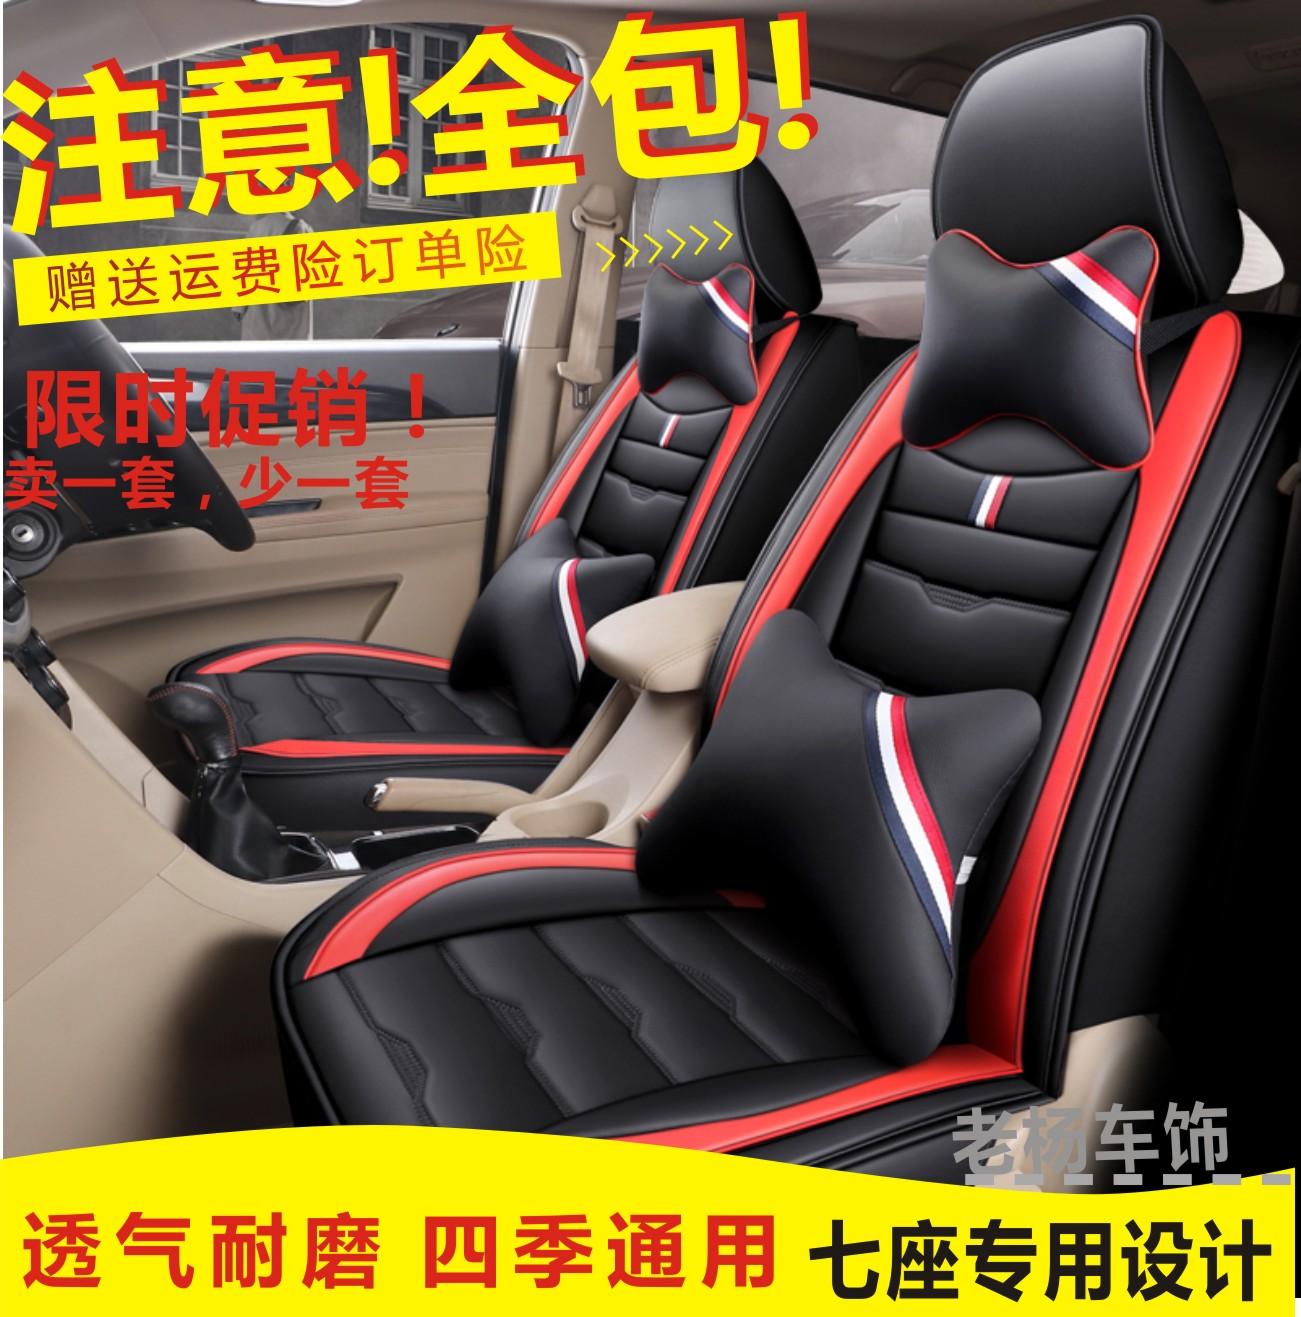 捷途X70座椅套专用五座座汽车坐垫全包四季通用6七座2019款新座套